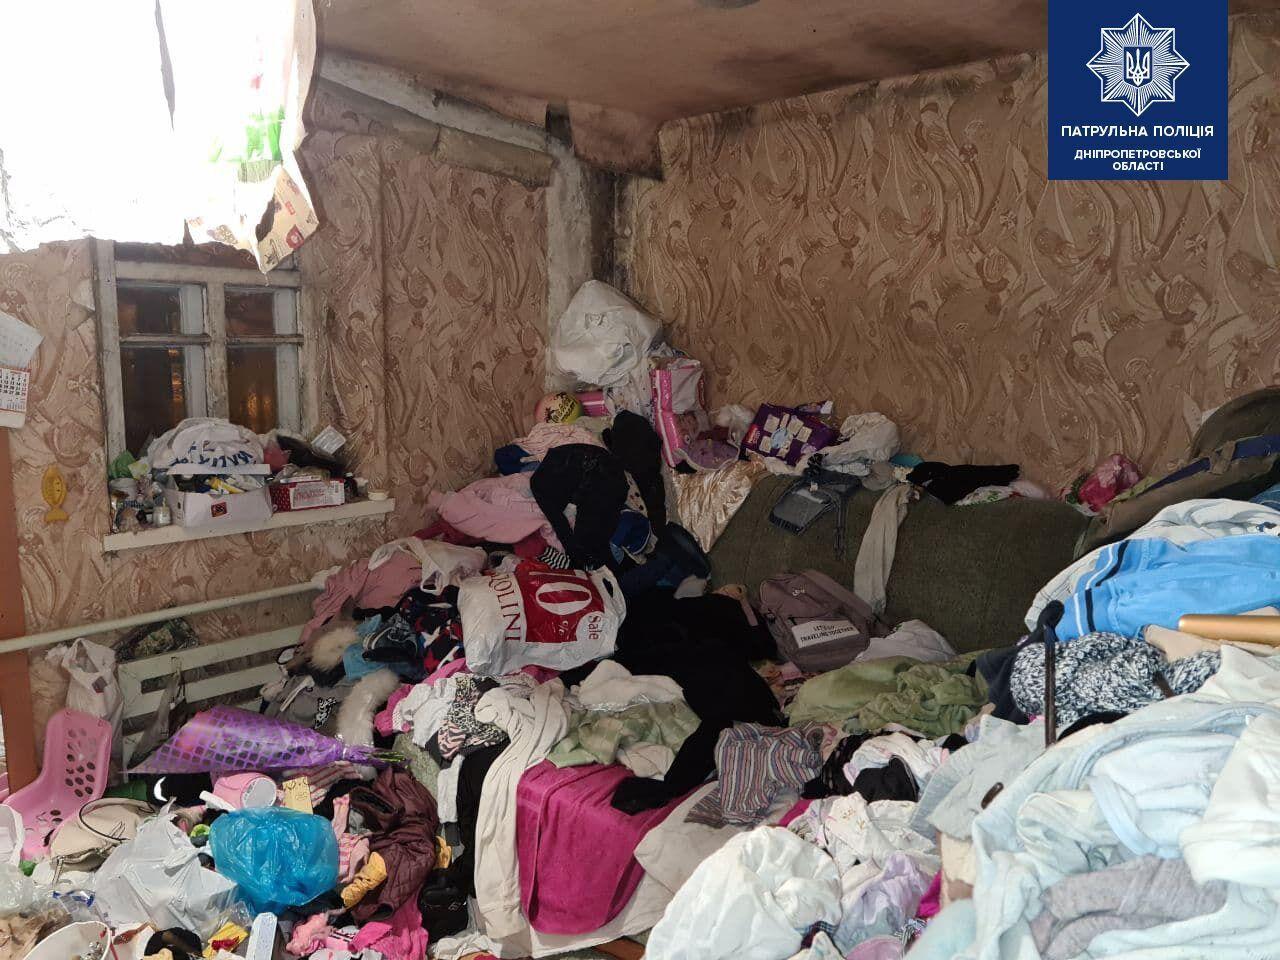 Діти жили в кімнаті, заповненій мотлохом